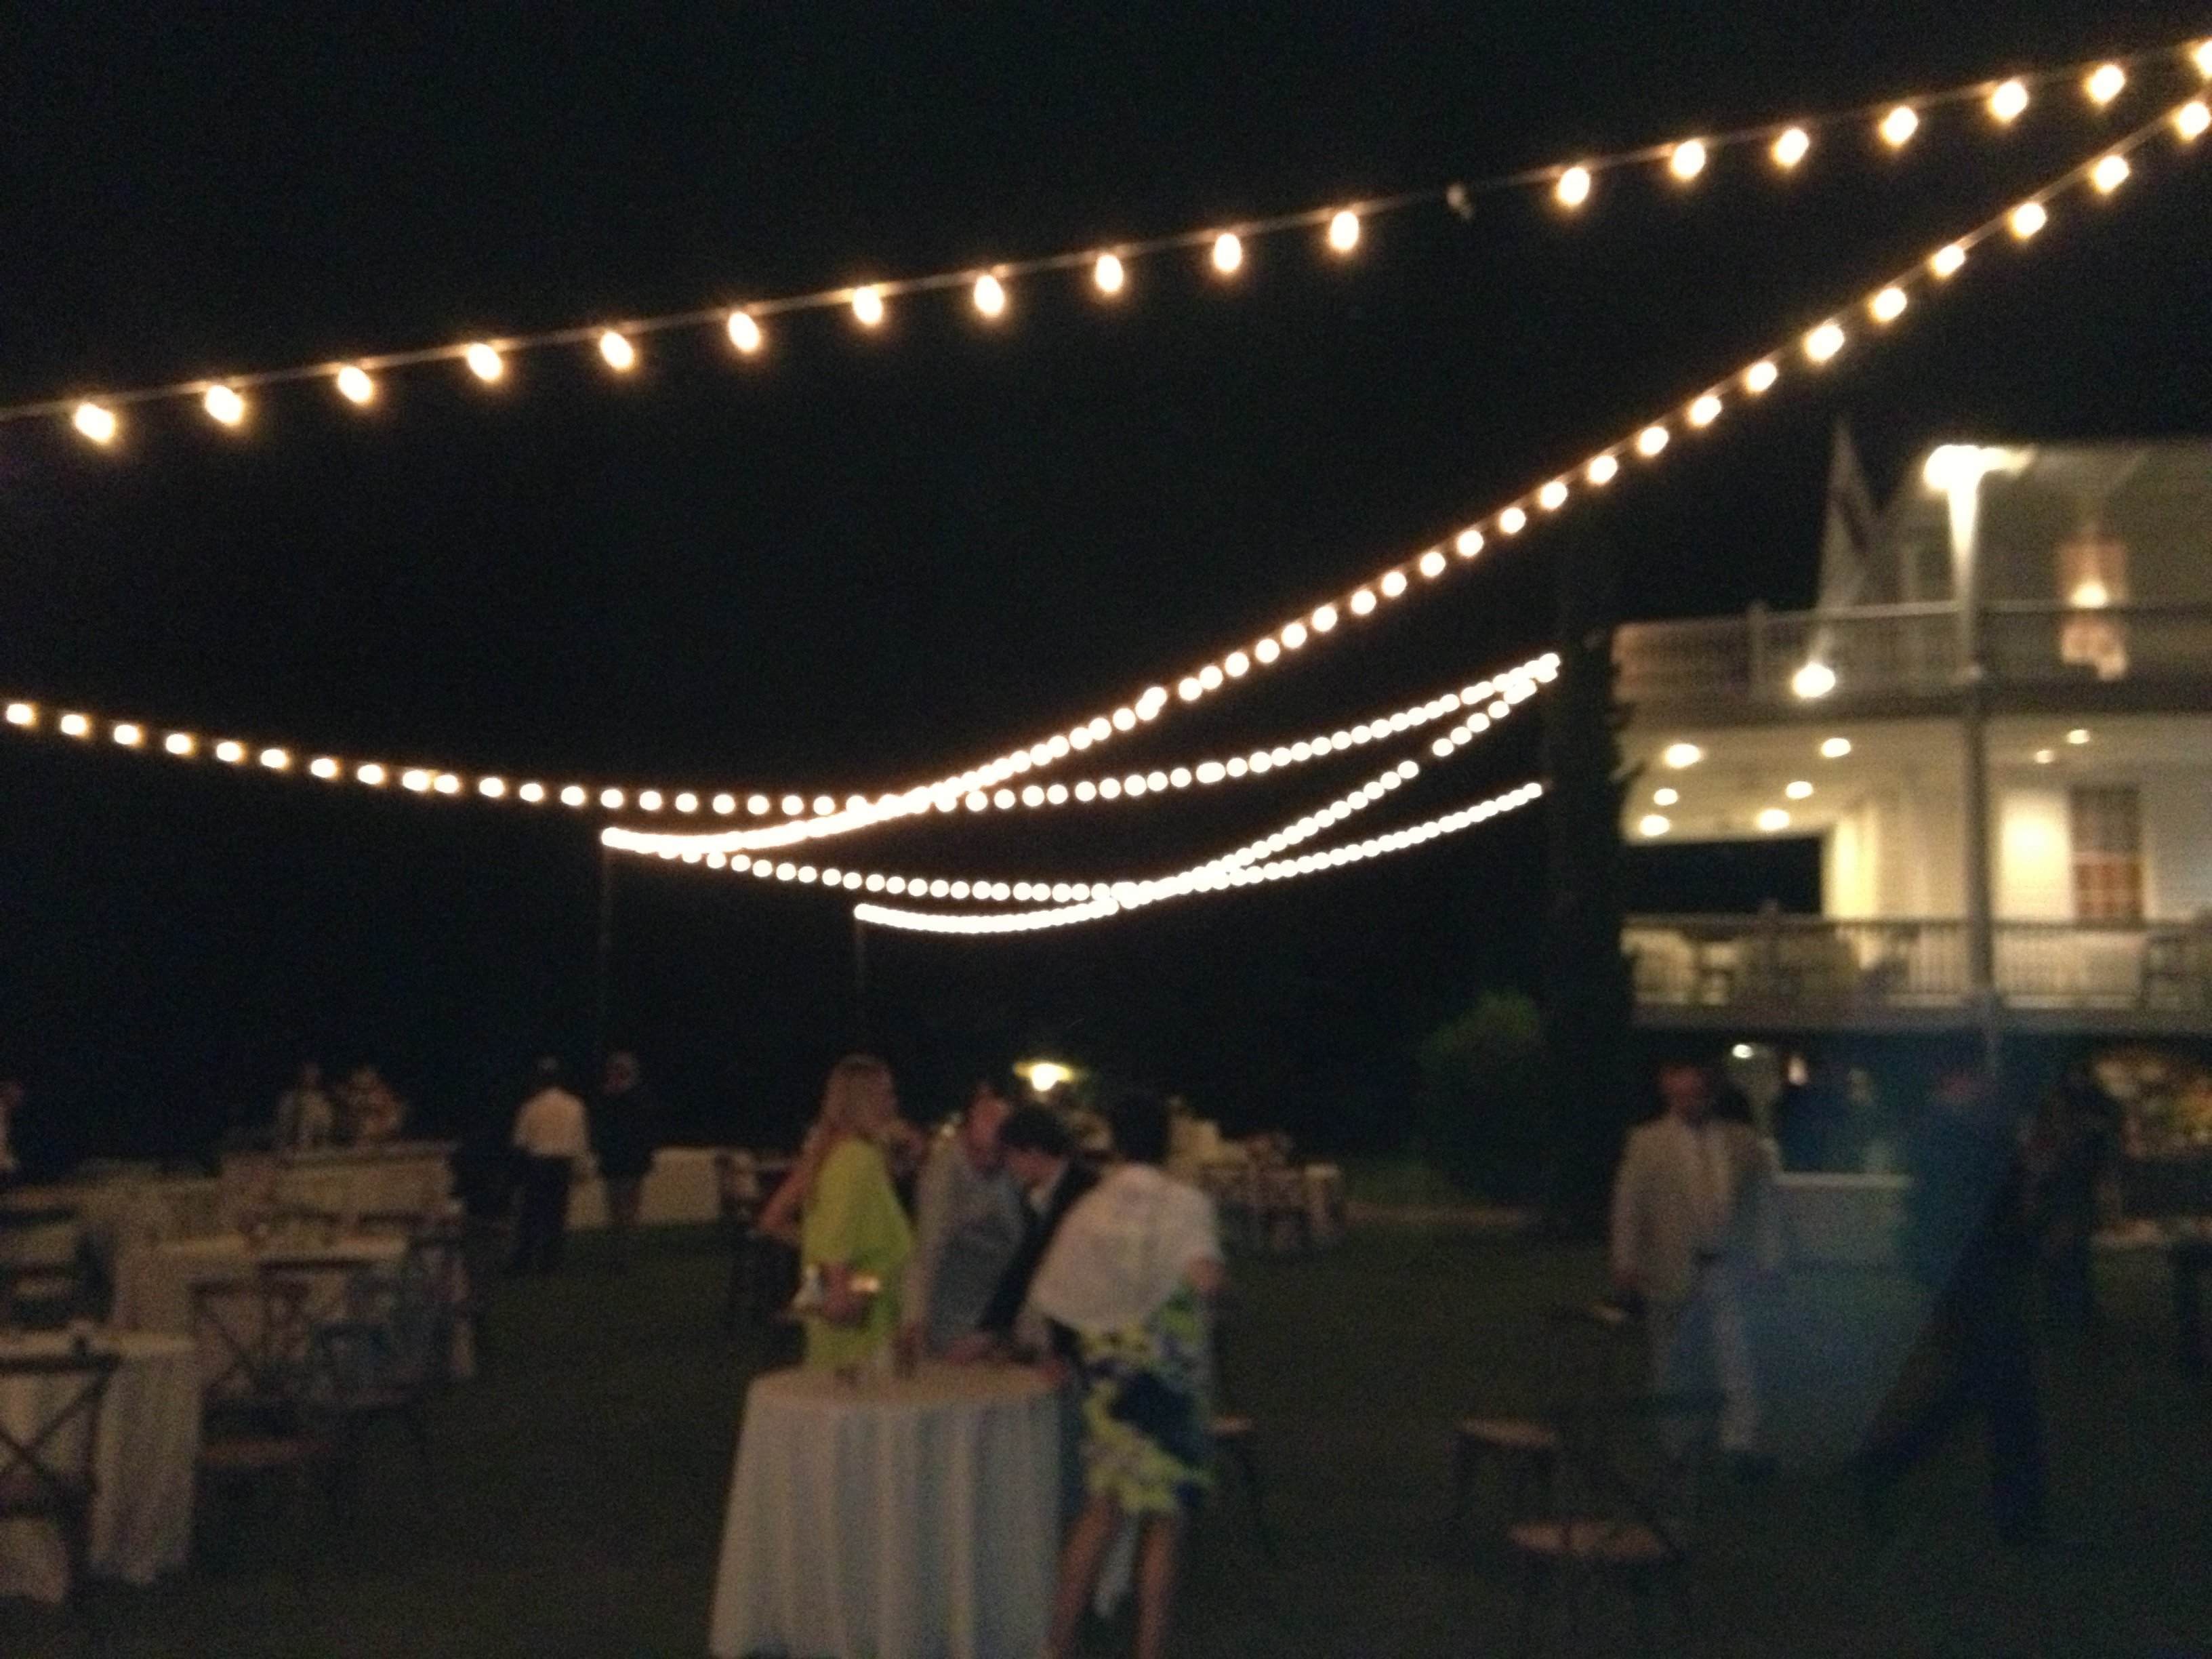 Charleston SC Wedding Lighting Design By AV Connections At Old Wide Awake 2 Sc Av Cheap